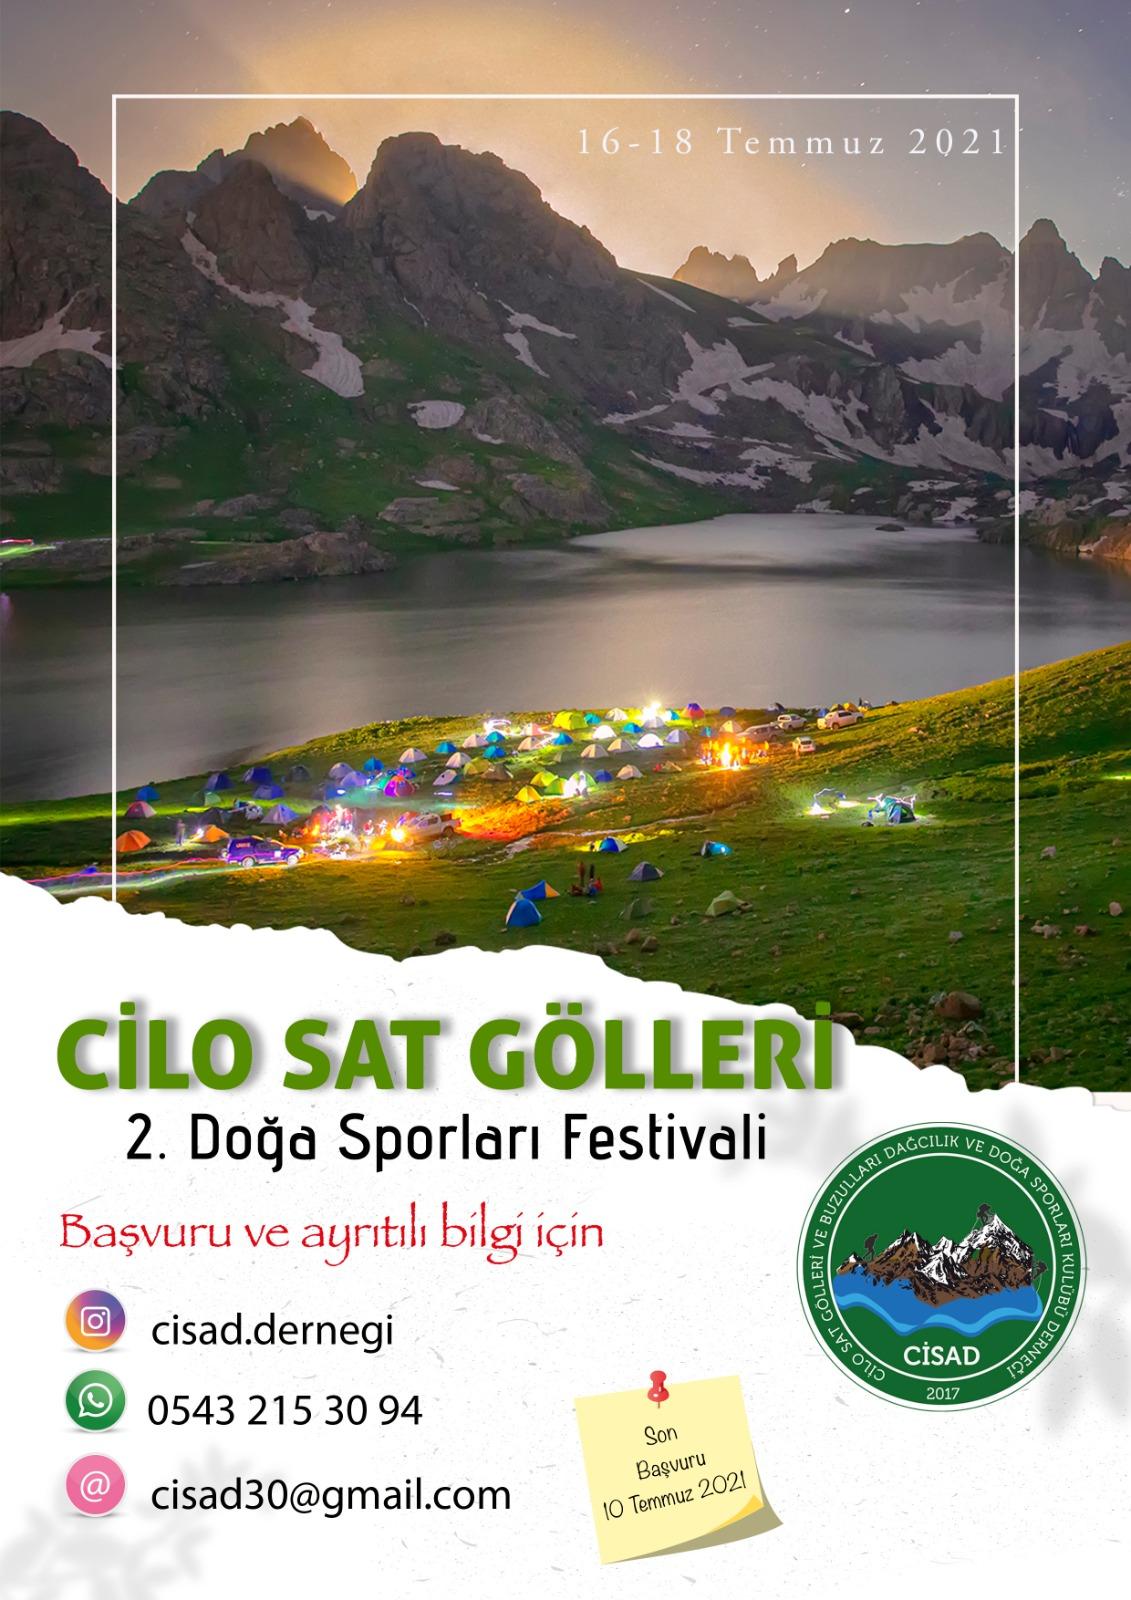 CİSAD Cilo Sat Gölleri 2.Doğa Sporları Festivali